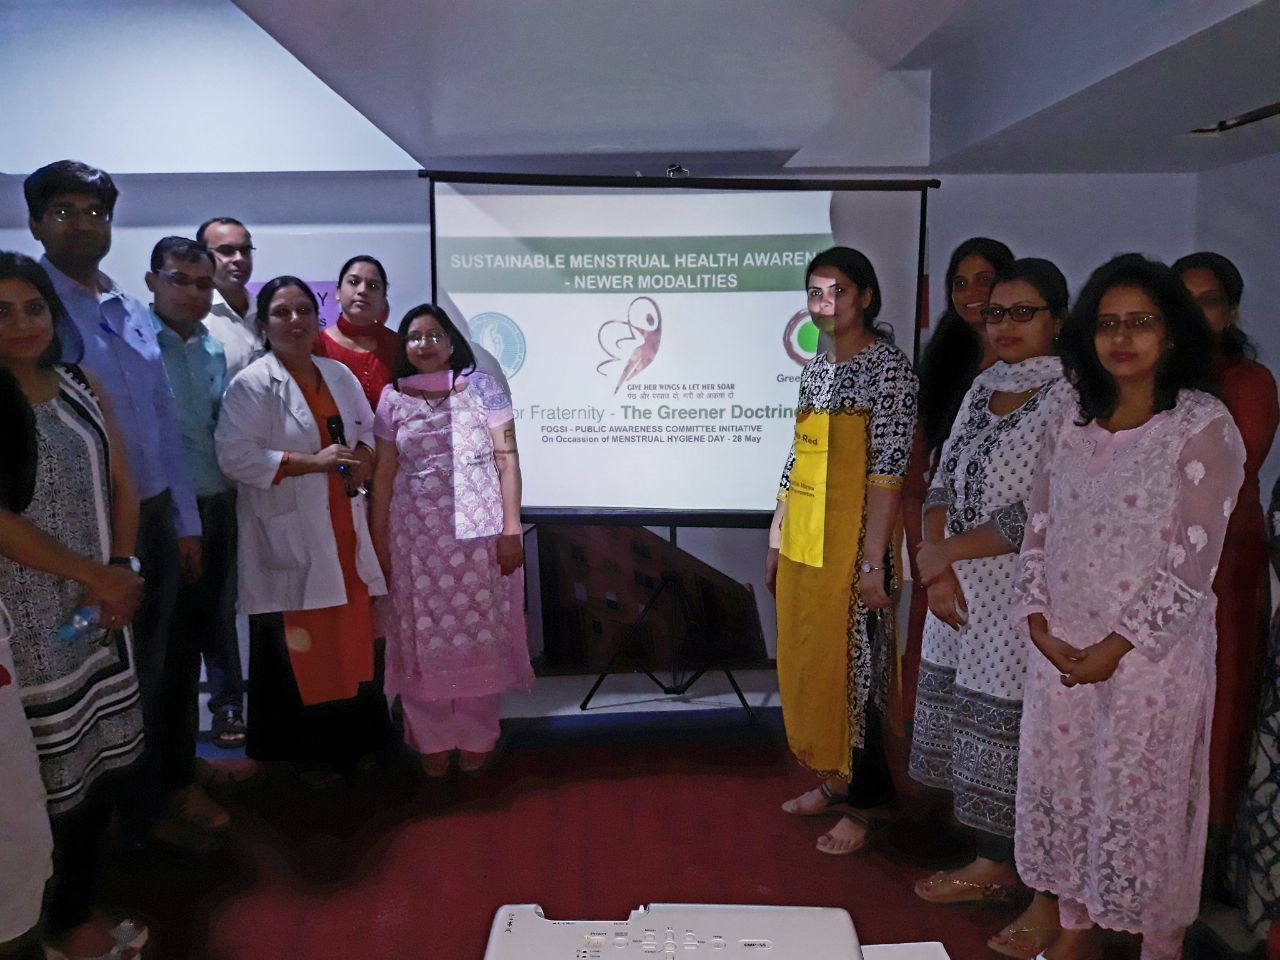 Jodhpur23May18-Vasundharahospital_1